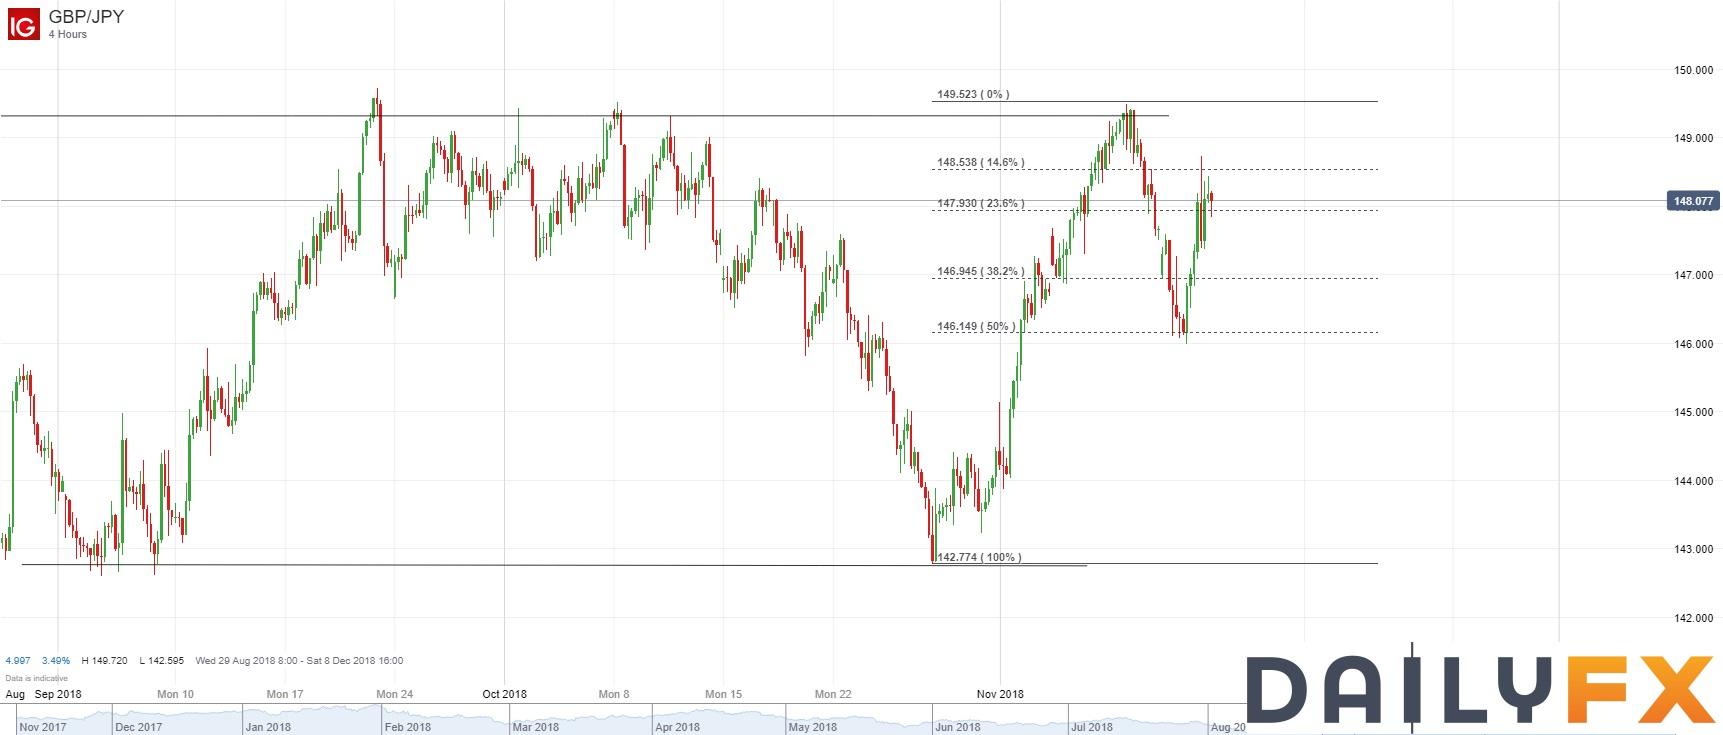 英镑/日元技术分析:大幅反弹,摆脱短期下行压力